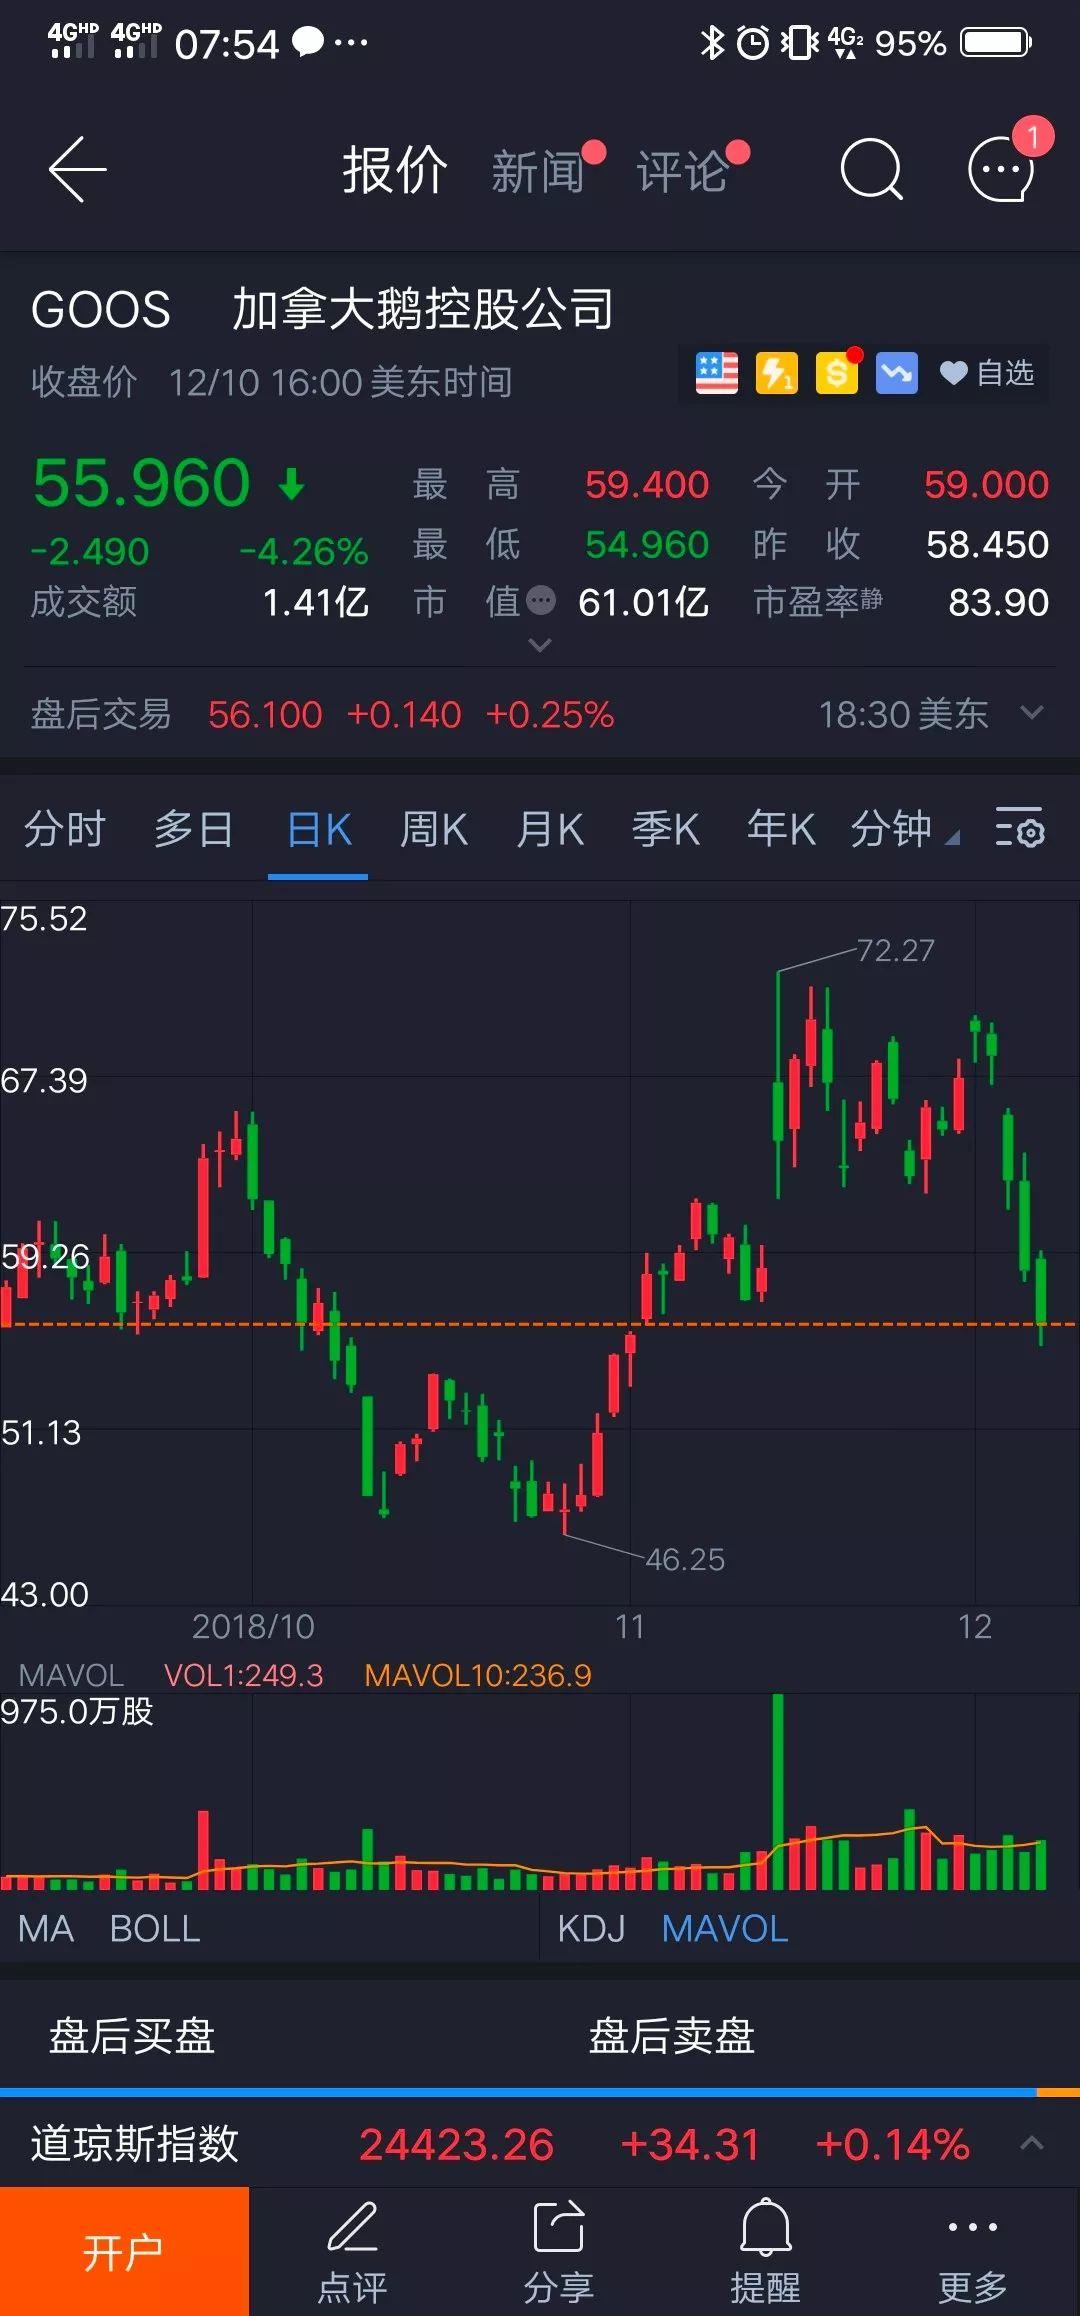 加拿大鹅3天股价暴跌16%  中国本土知名羽绒服品牌波司登股份猛升!